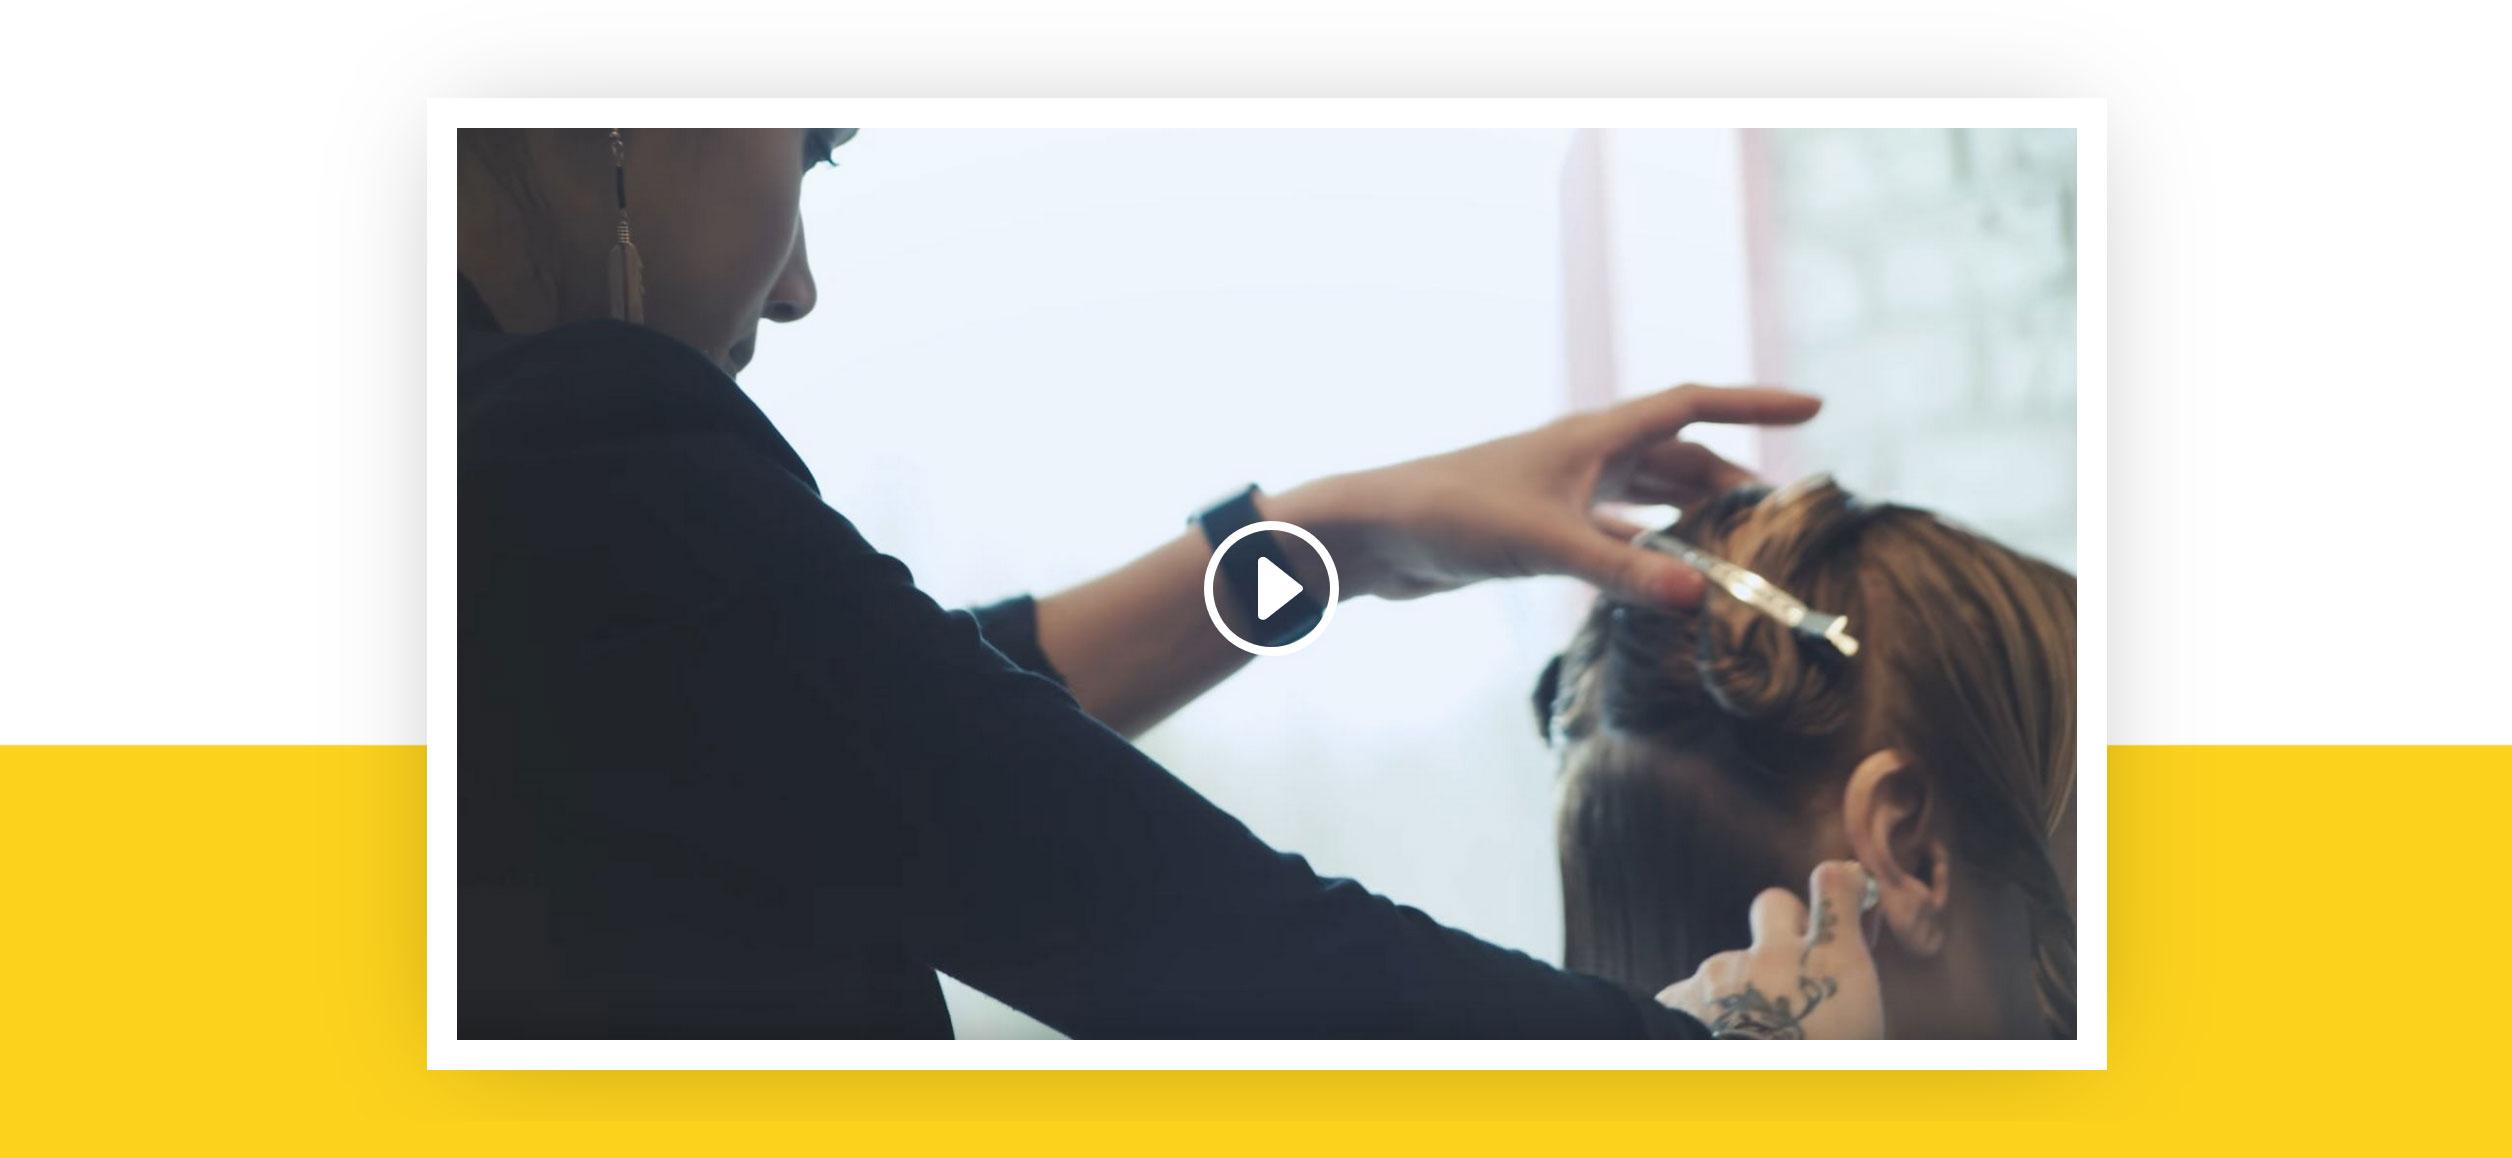 Website for Hairdressers v1 - Video